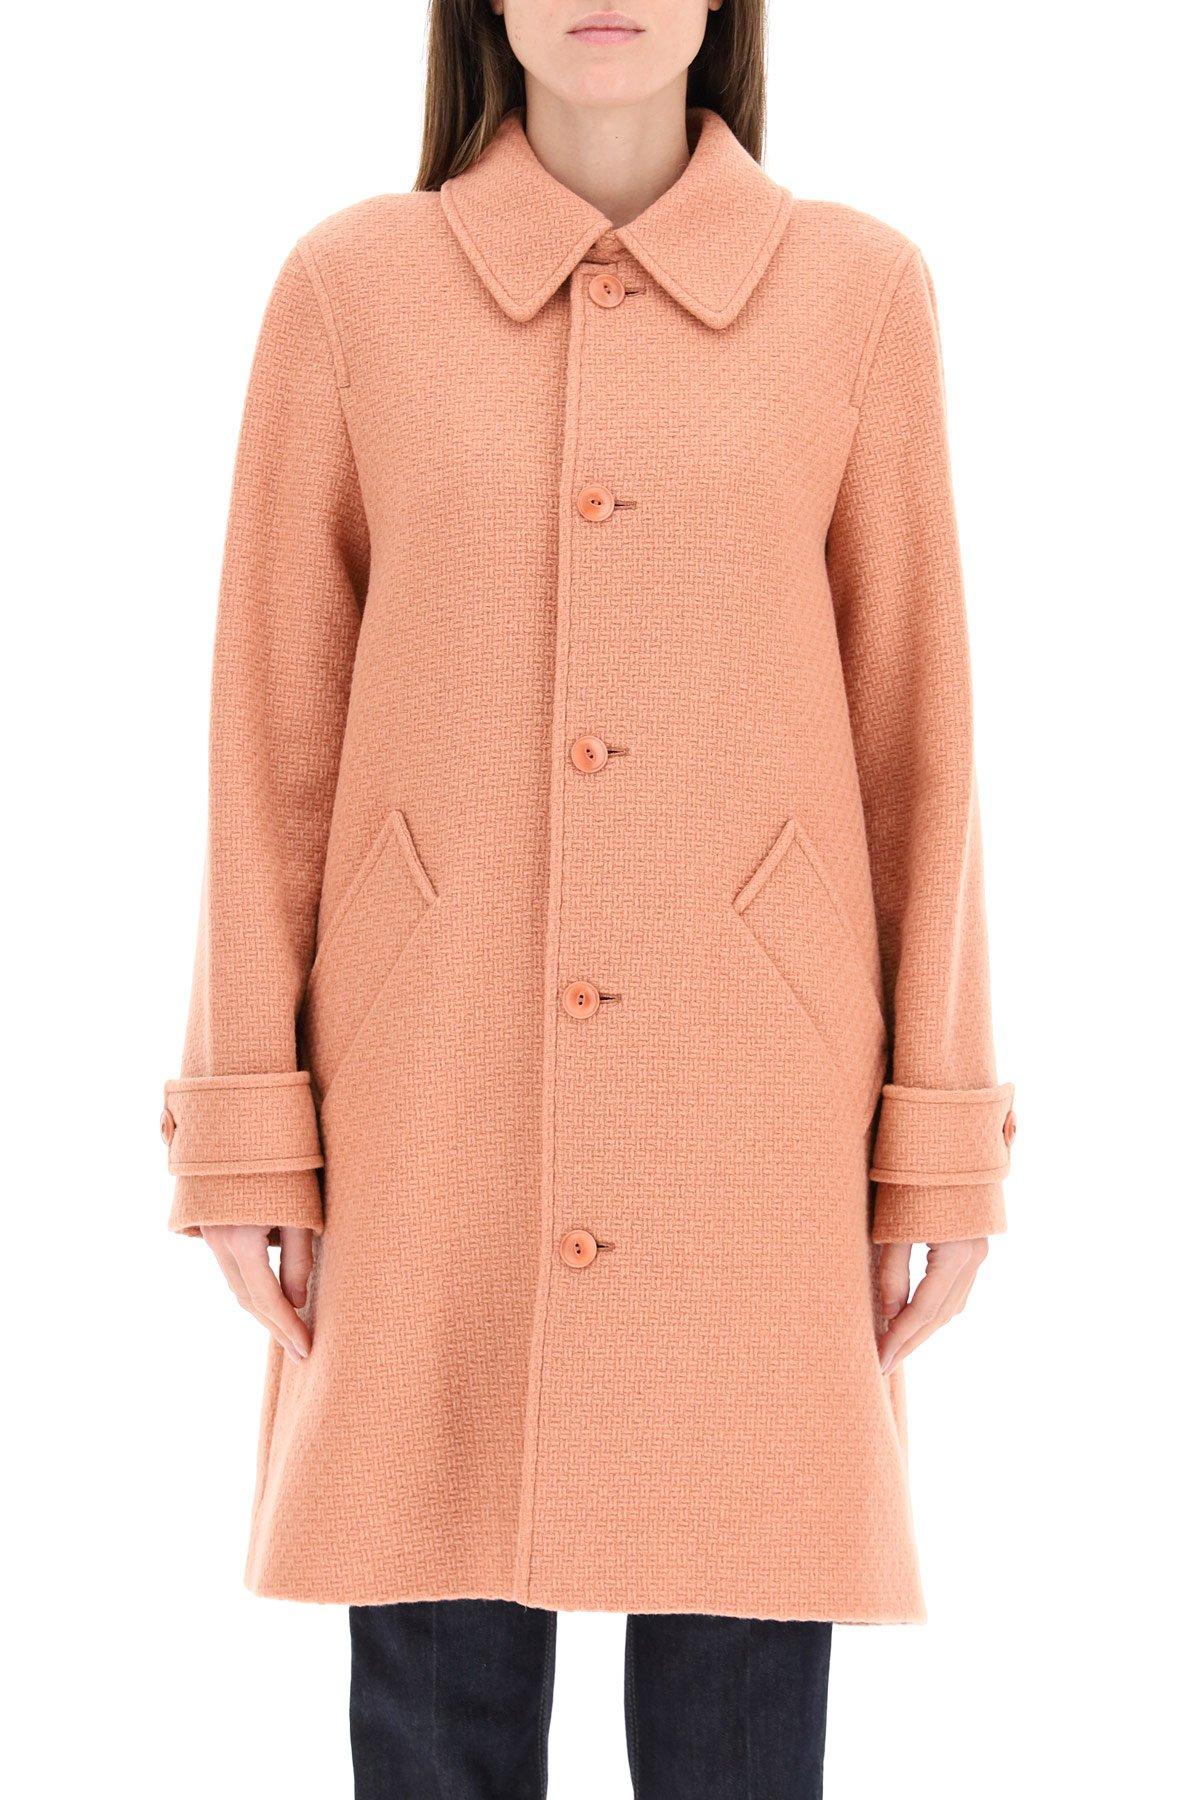 A.p.c. cappotto suzanne in misto lana